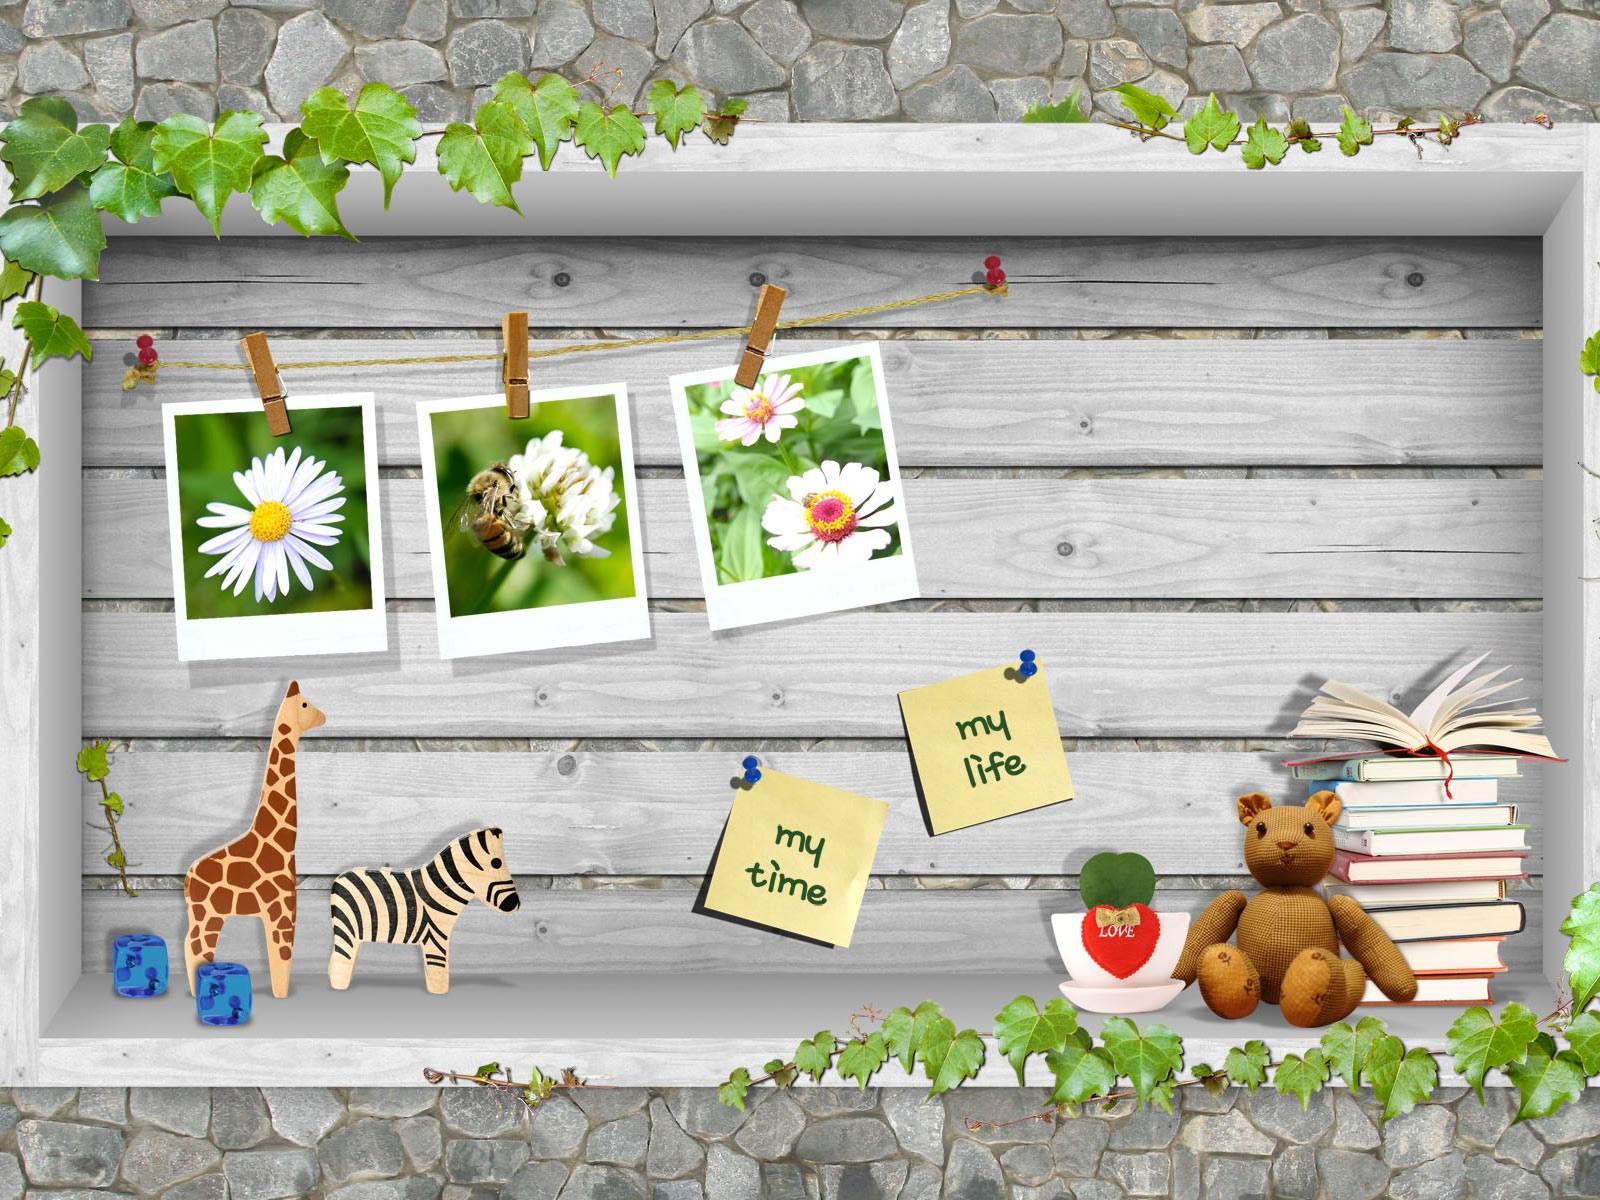 http://4.bp.blogspot.com/_RAlP3BmEW1Q/TQXwtuuHLBI/AAAAAAAACGg/YGMvqNqyLgI/s1600/The-best-top-3D-desktop-wallpapers-22.jpg